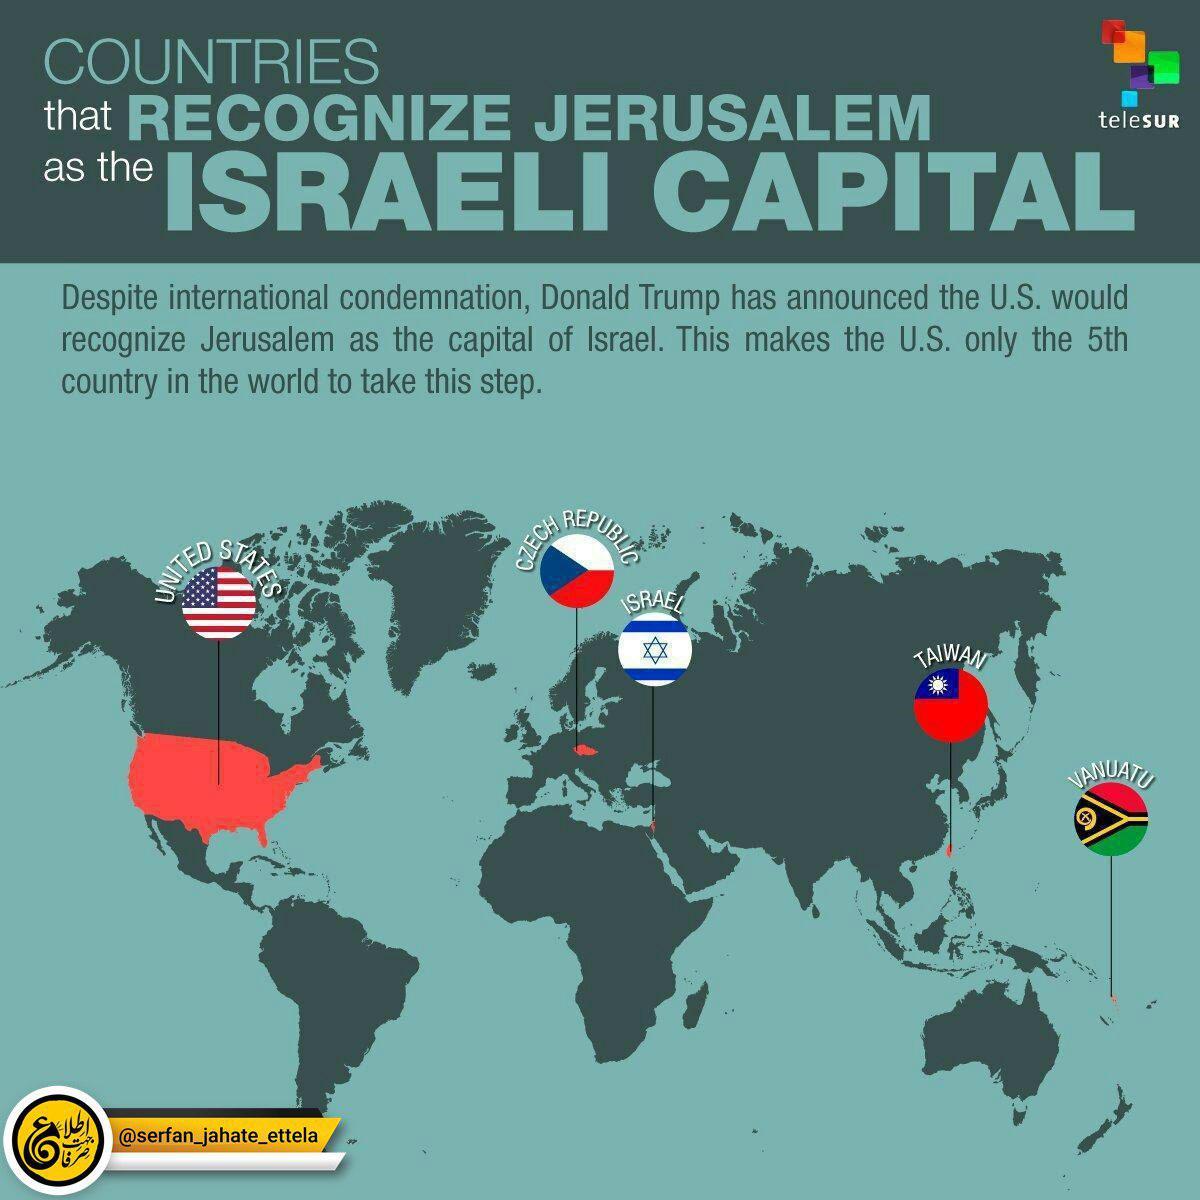 کشورهایی که بیتالمقدس را به عنوان پایتخت اسراییل به رسمیت شناخته است: